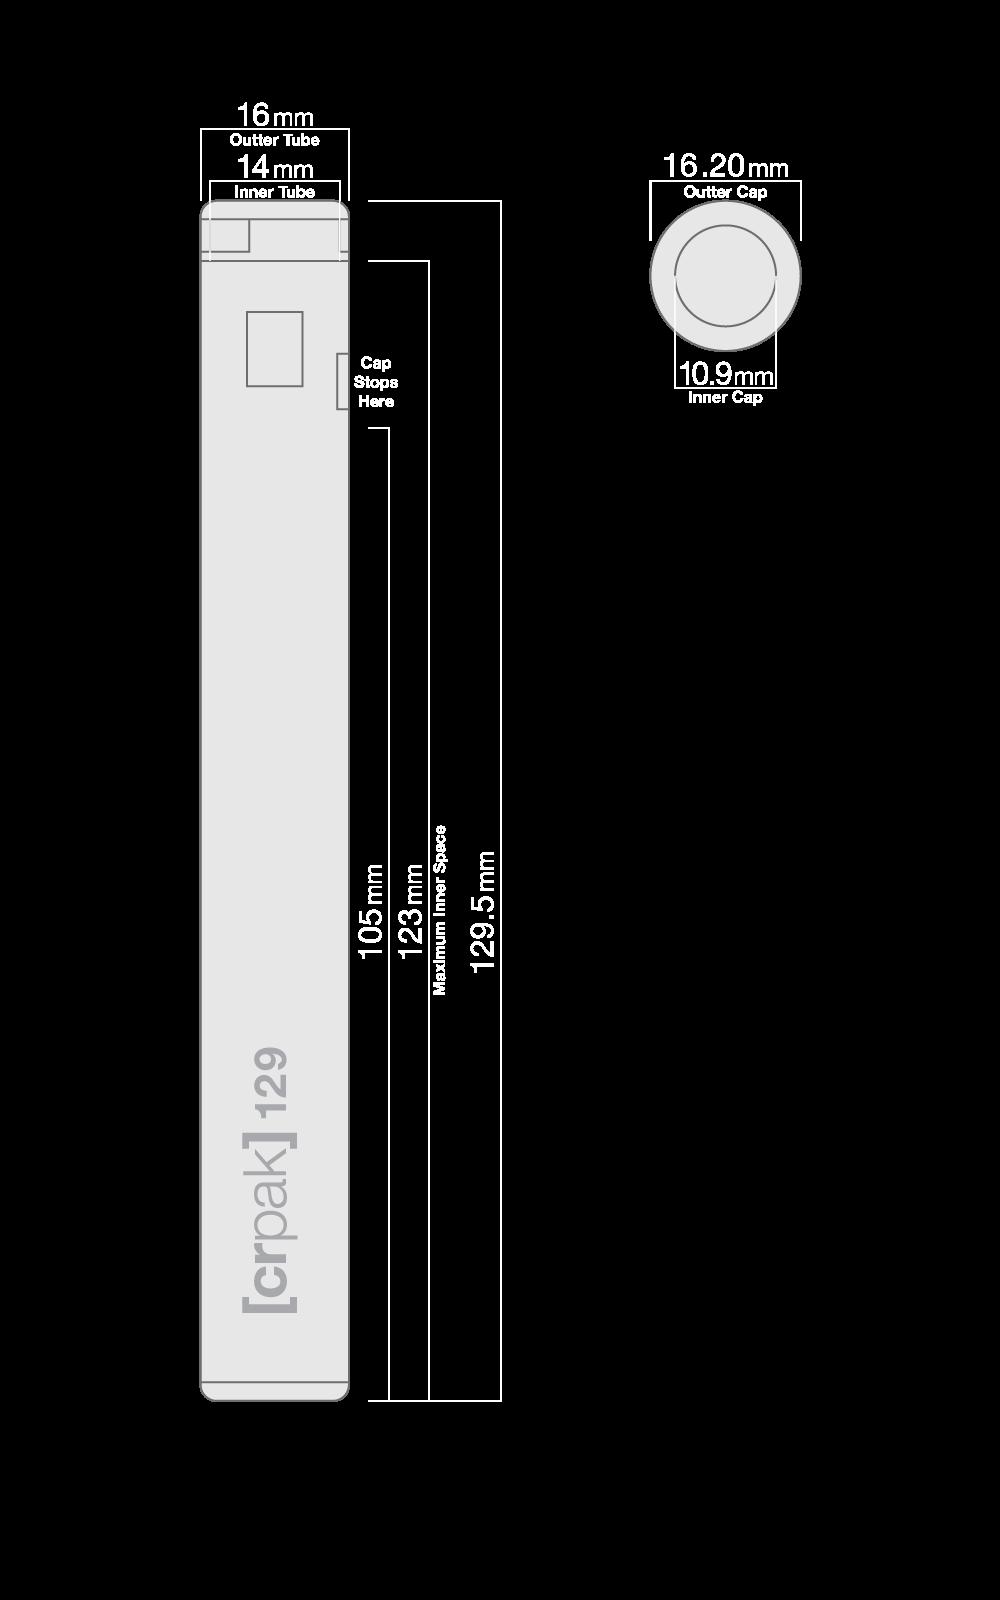 crpak-tube-129_Meas.png